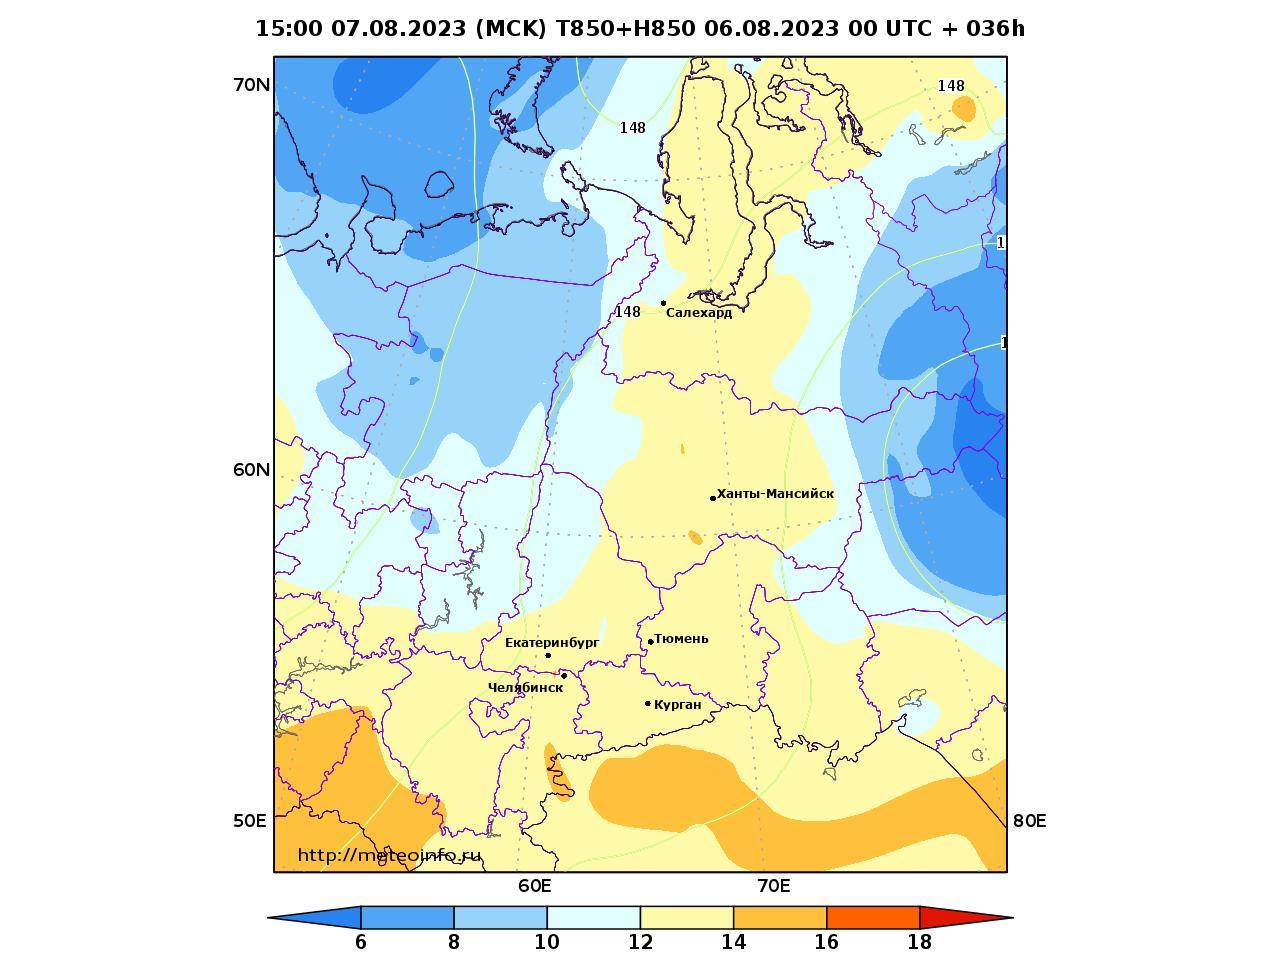 Уральский Федеральный округ, прогностическая карта температура T850 и геопотенциал H850, заблаговременность прогноза 36 часов